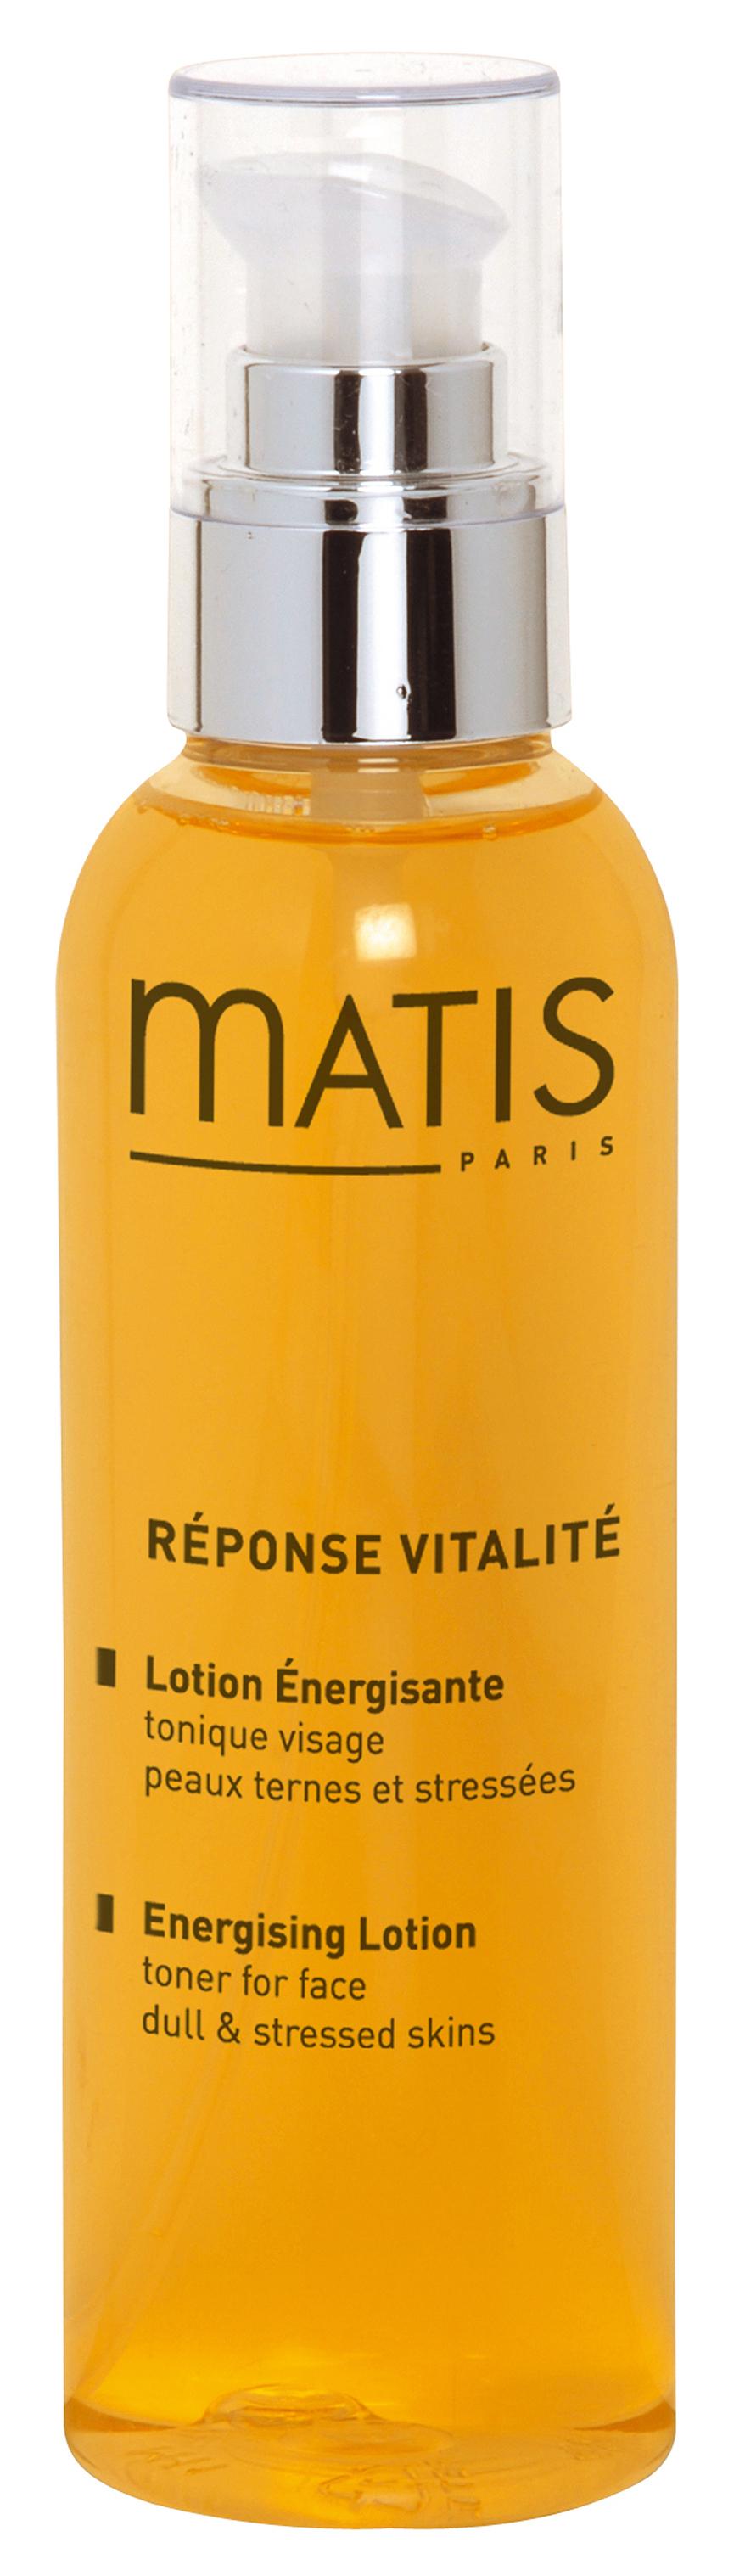 Купить MATIS Лосьон тонизирующий с витаминным комплексом 200 мл